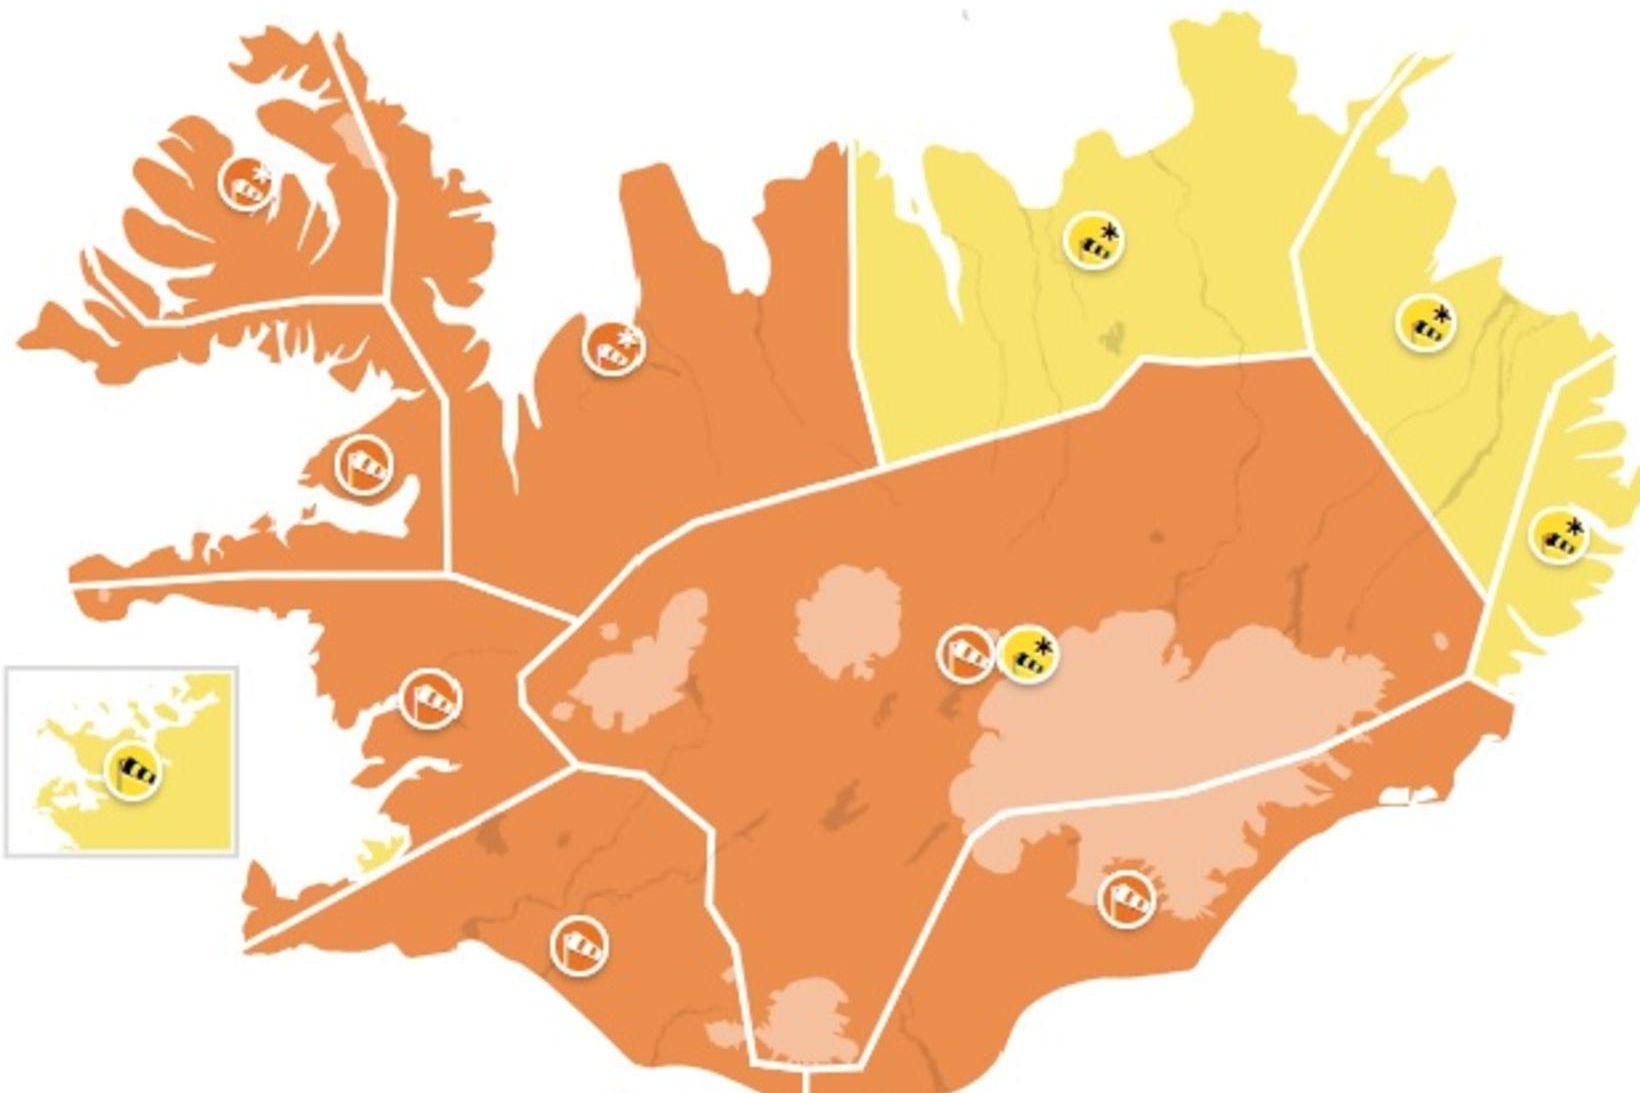 Appelsínugul viðvörun hefur verið gefin út um mestallt landið.